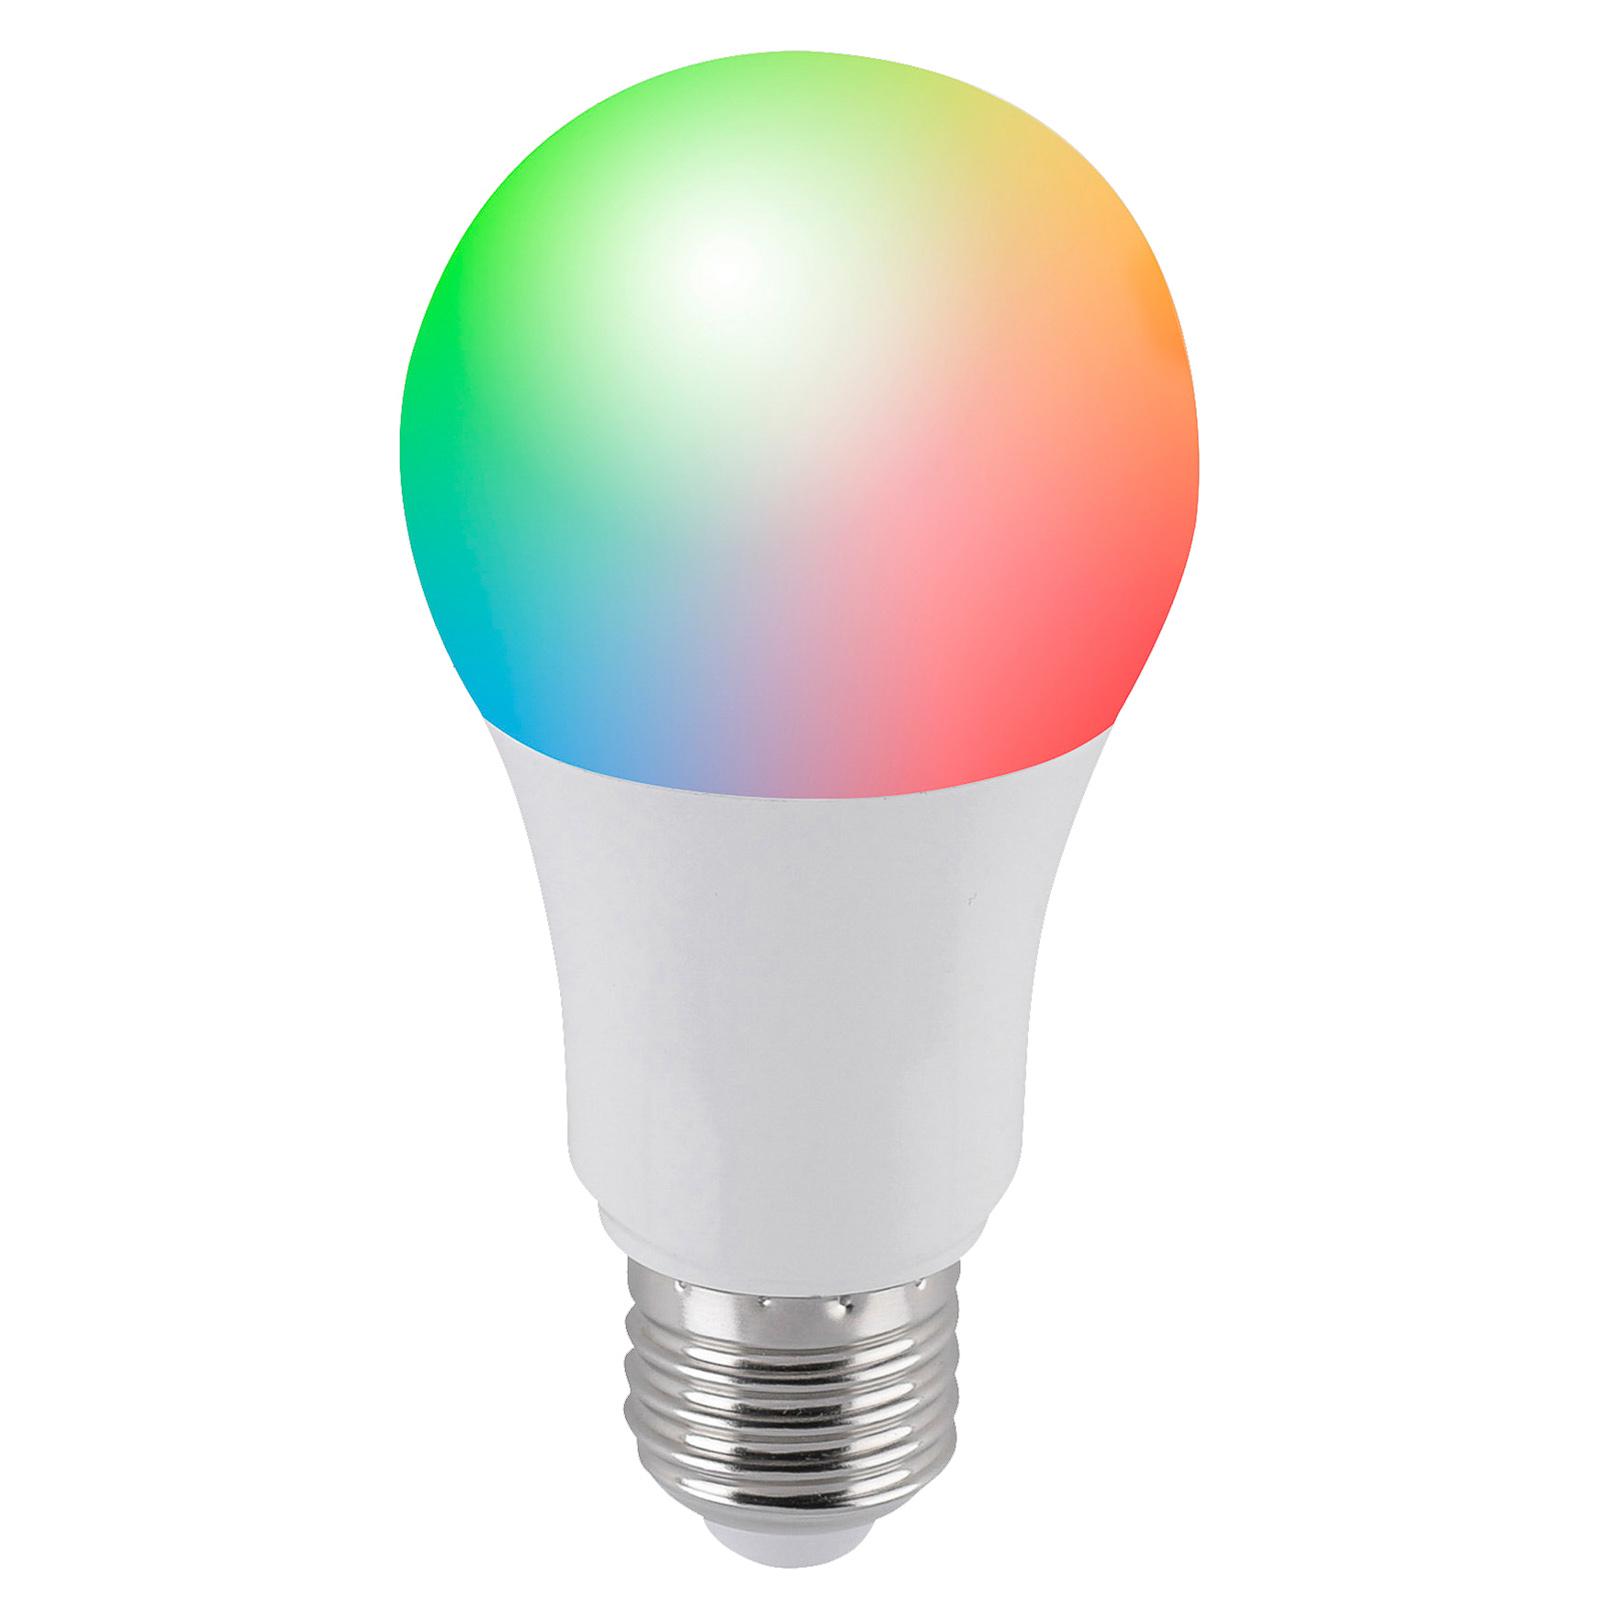 Smart Q-LED-pære E27 9.5W, RGBW, utvidelse